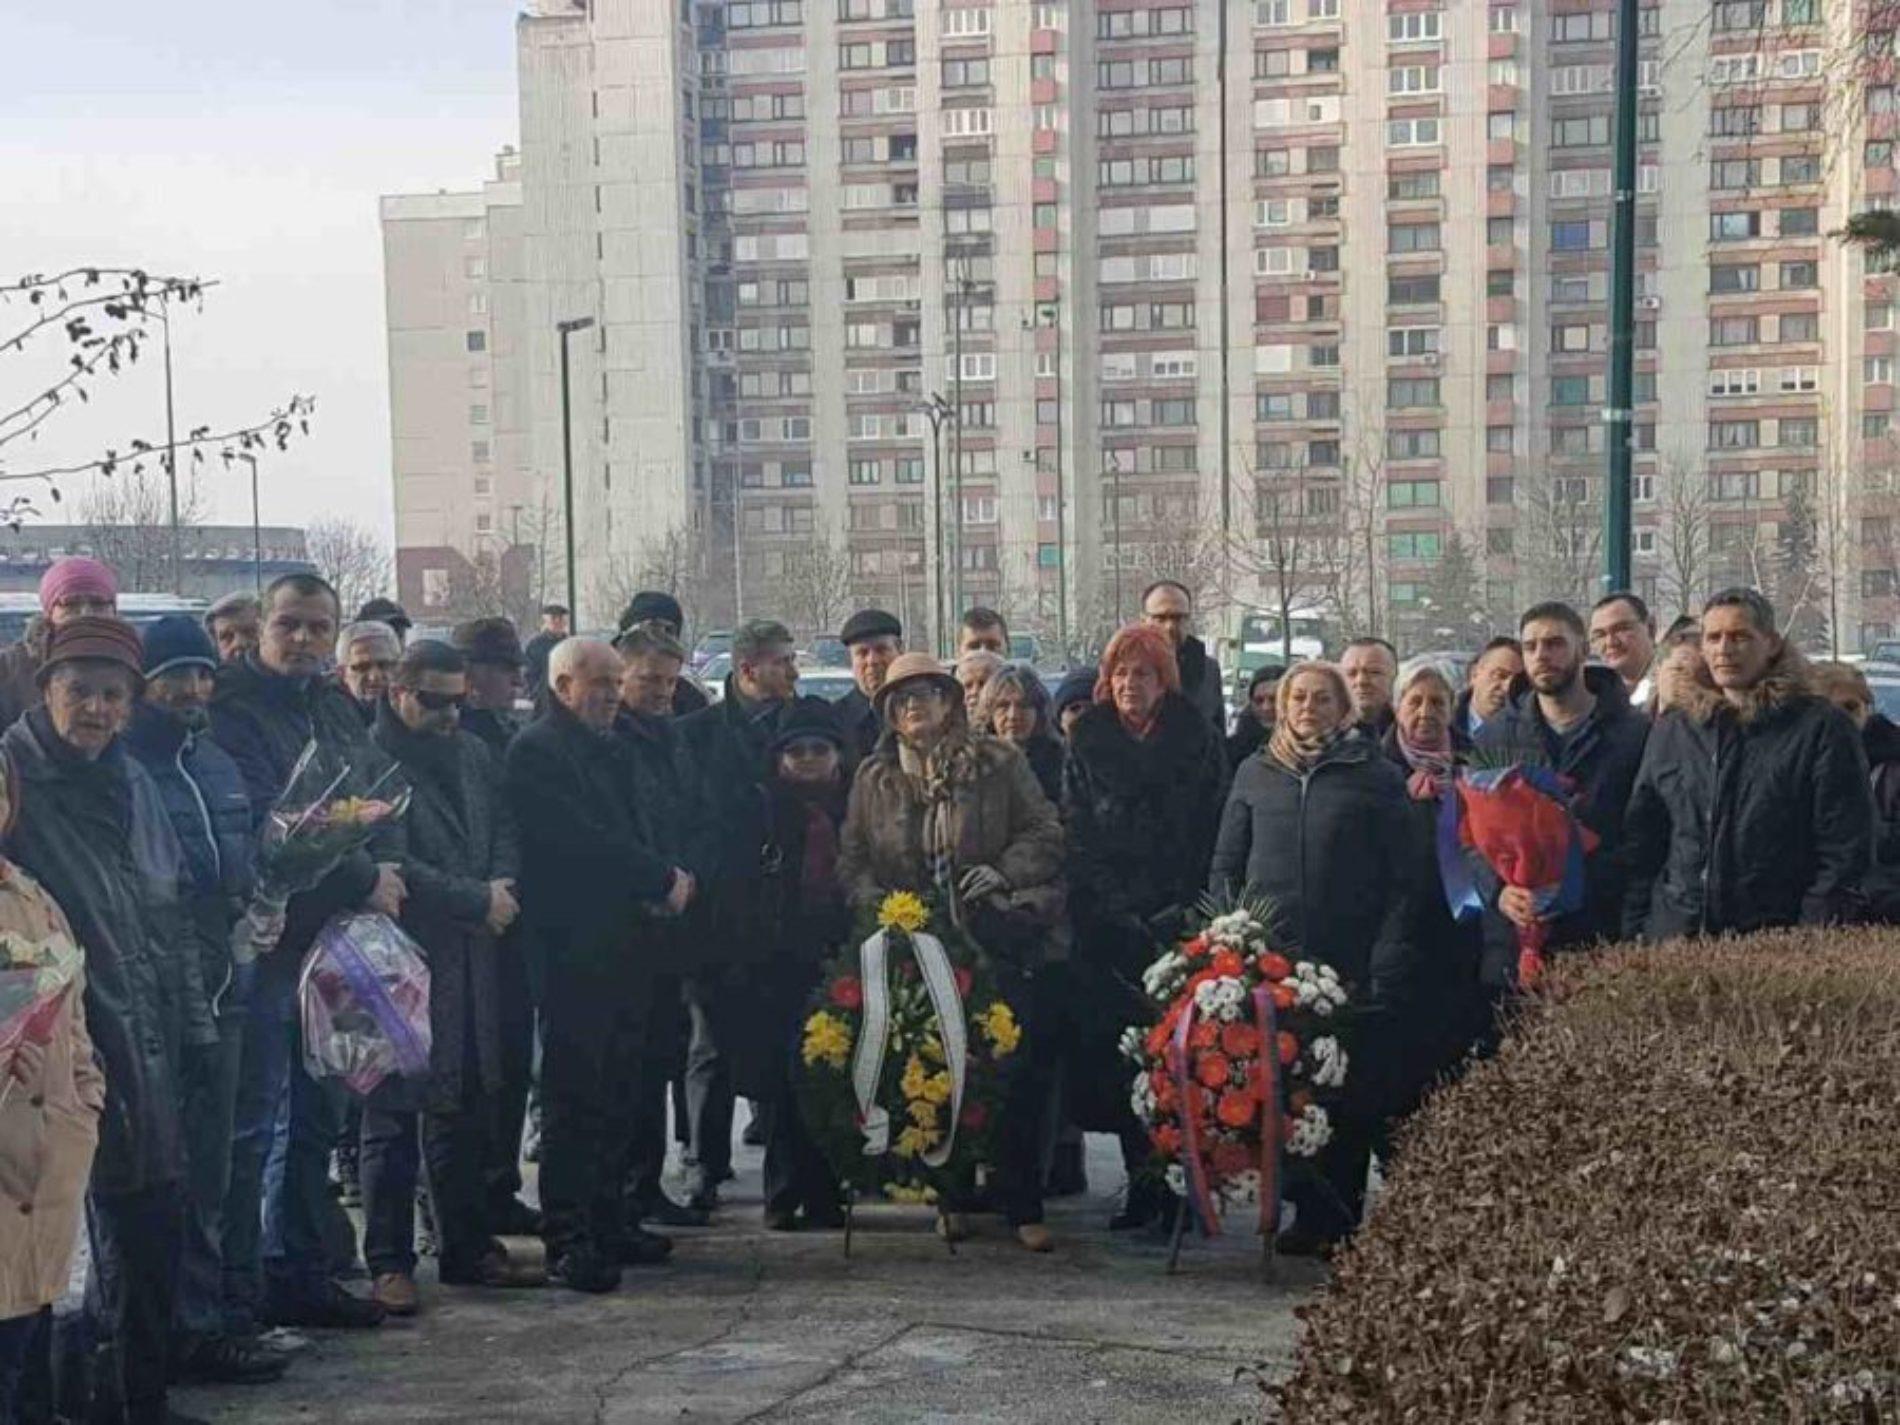 Sarajevo: Obilježena 23. godišnjica ubistva šestero djece u ulici Bosanska